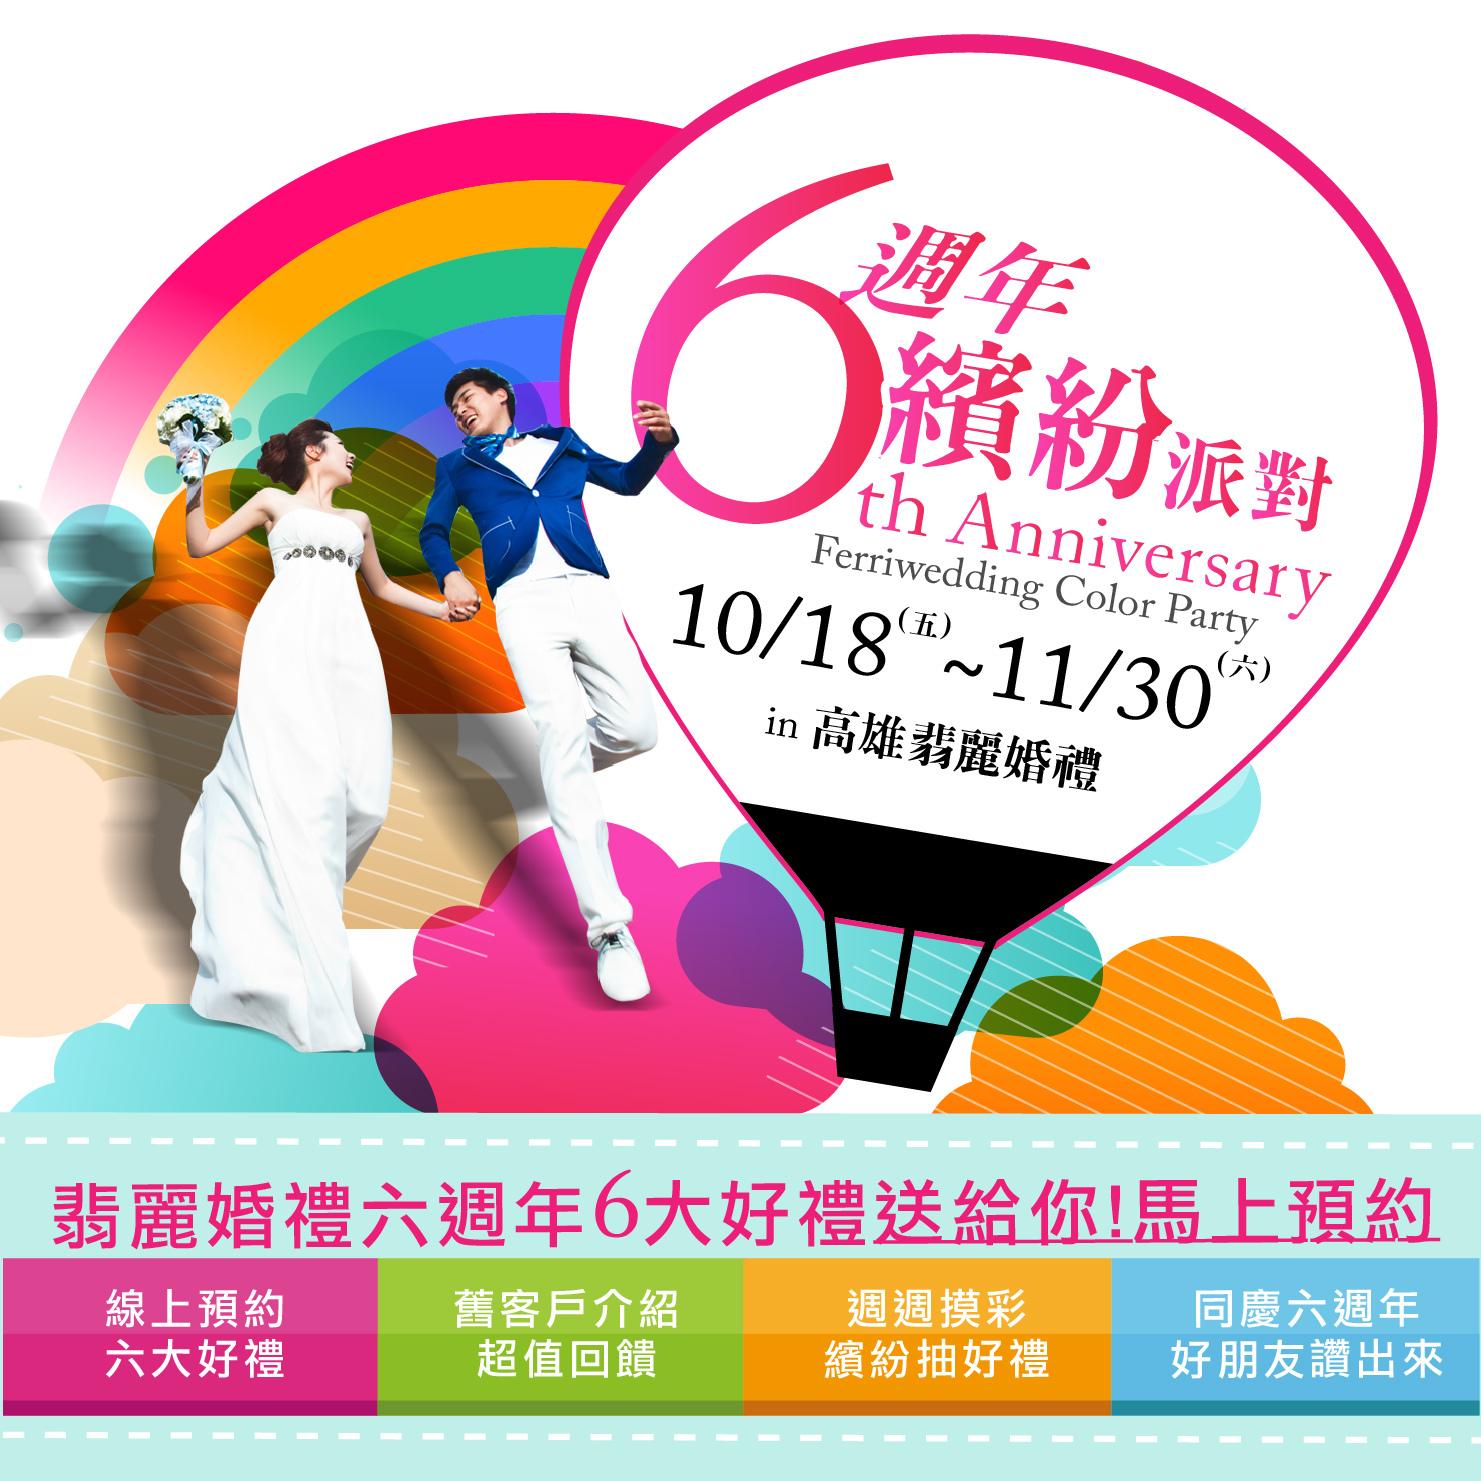 102.10-翡麗繽紛六周年-FB動態消息-04-04-04